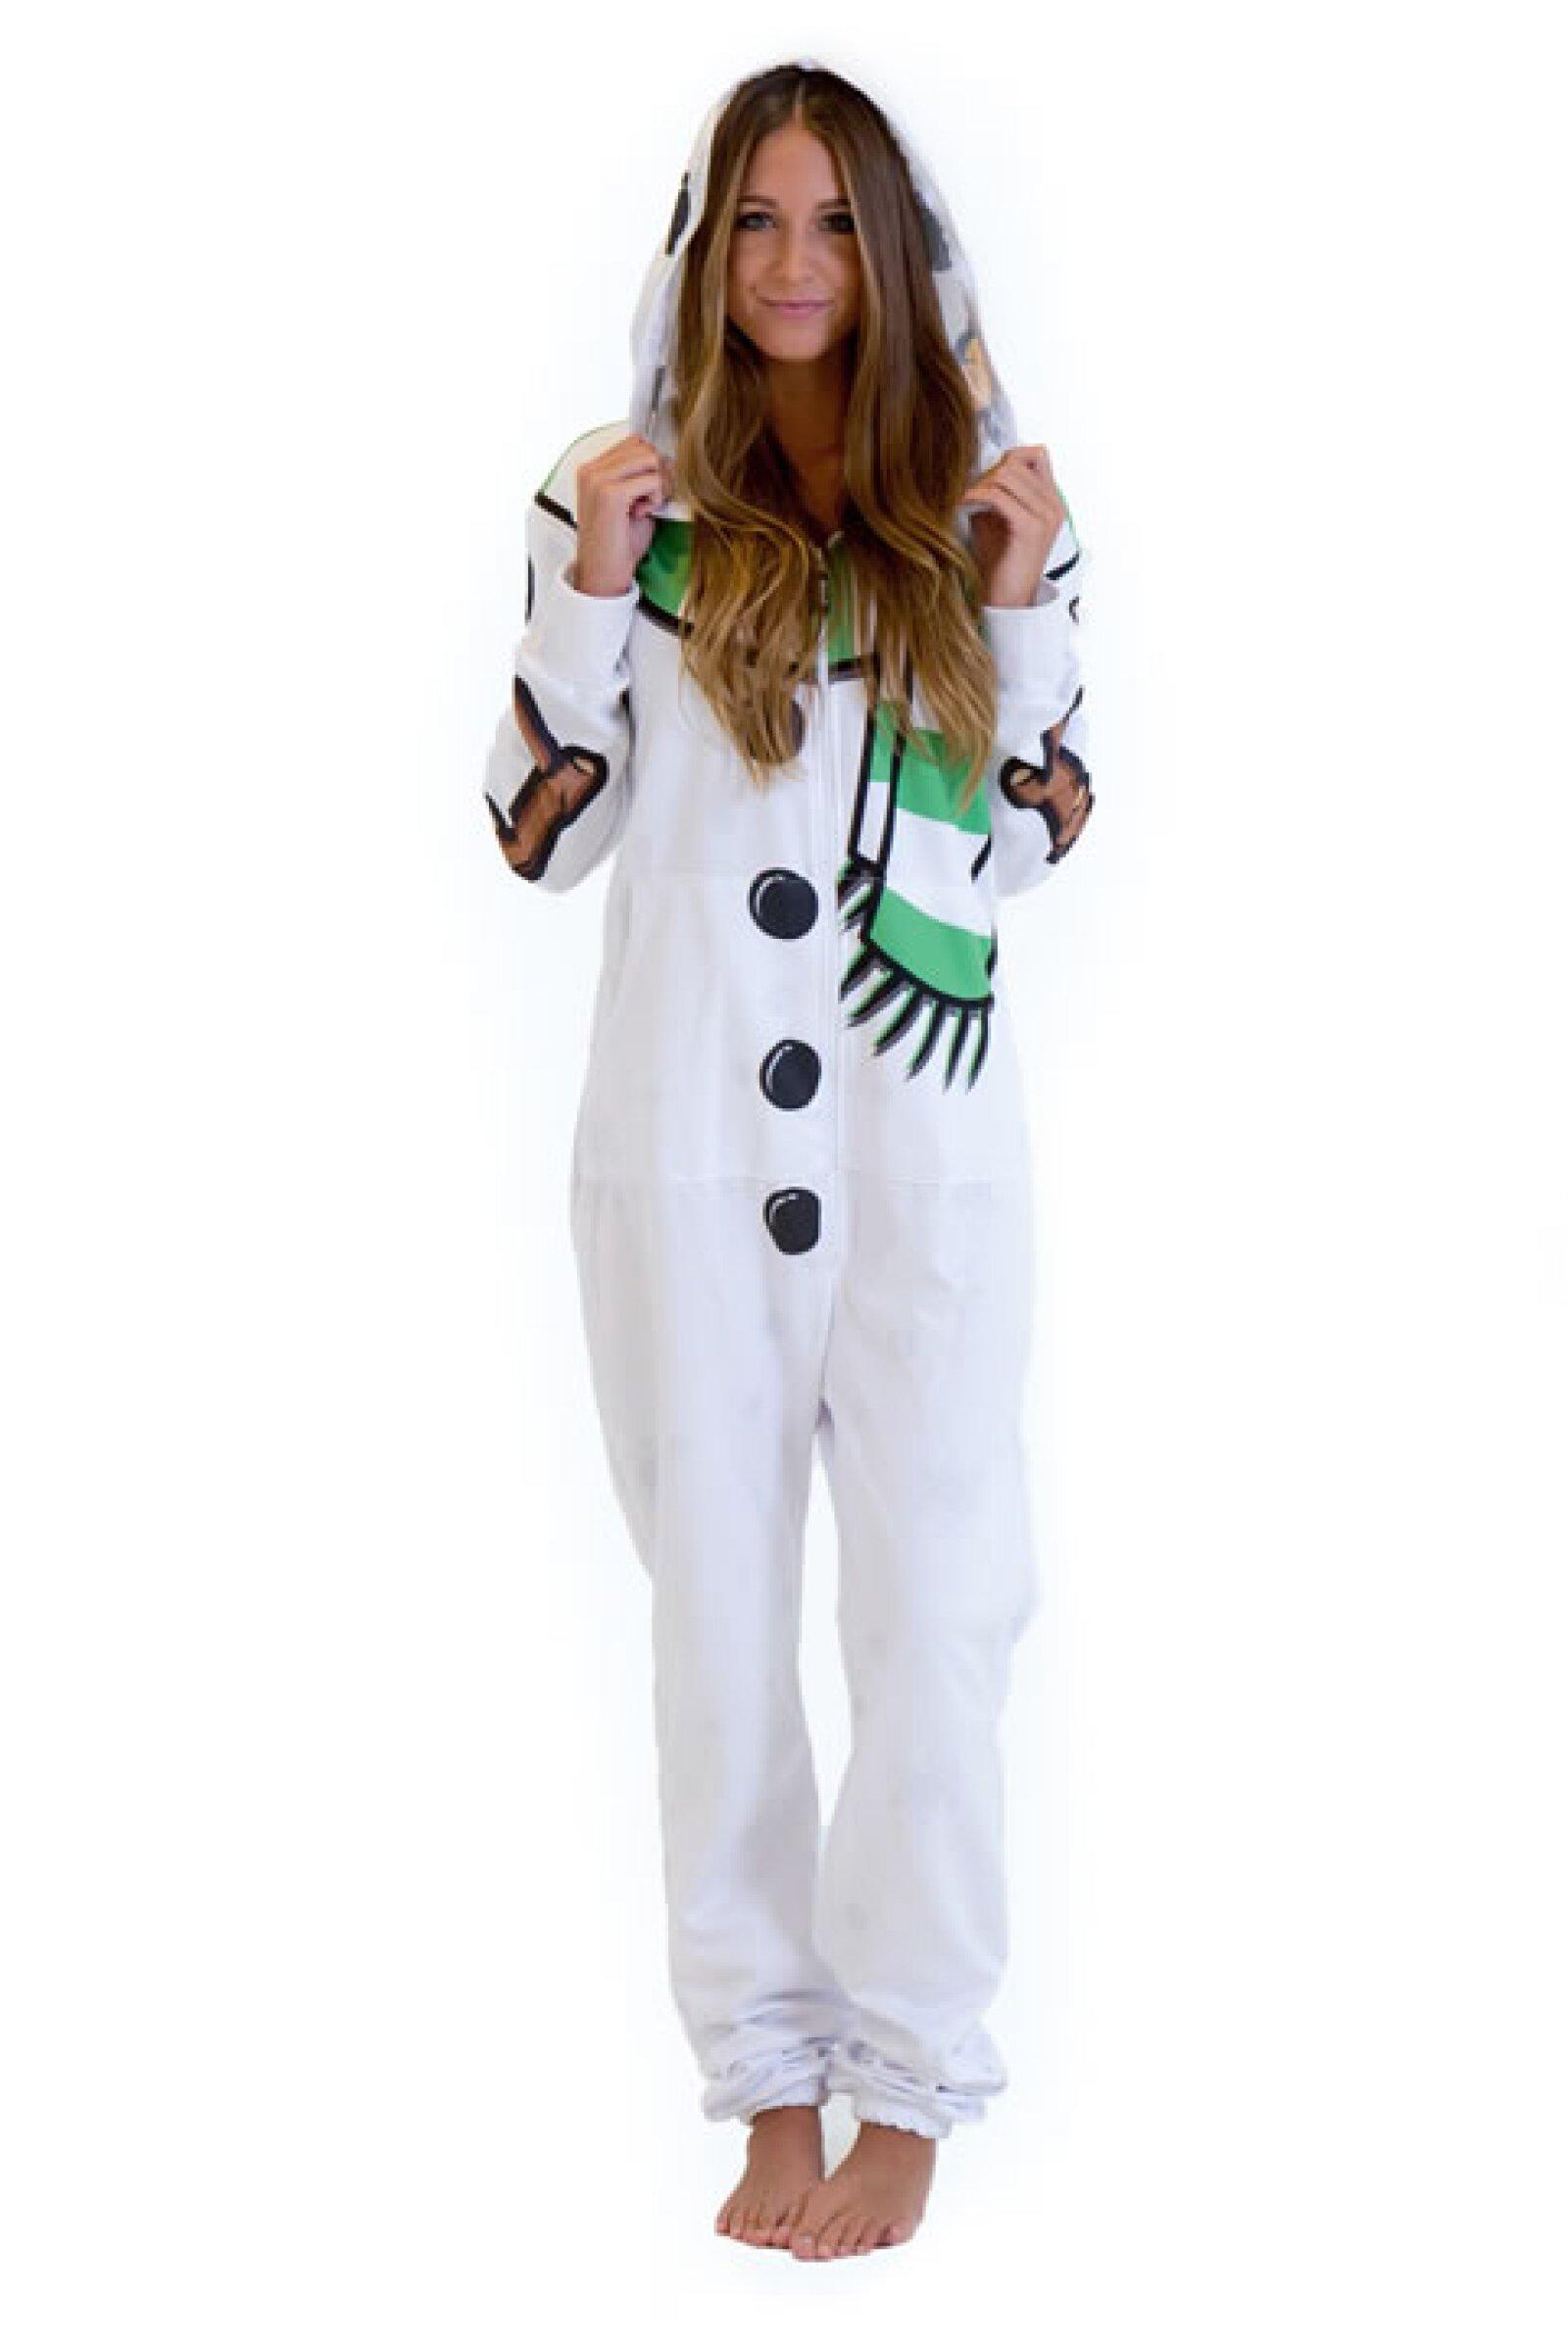 Onesie en forma de mono de nieve diseñado por Katy Perry. 2,228 pesos, precio aprox. en BelovedShirts.com.